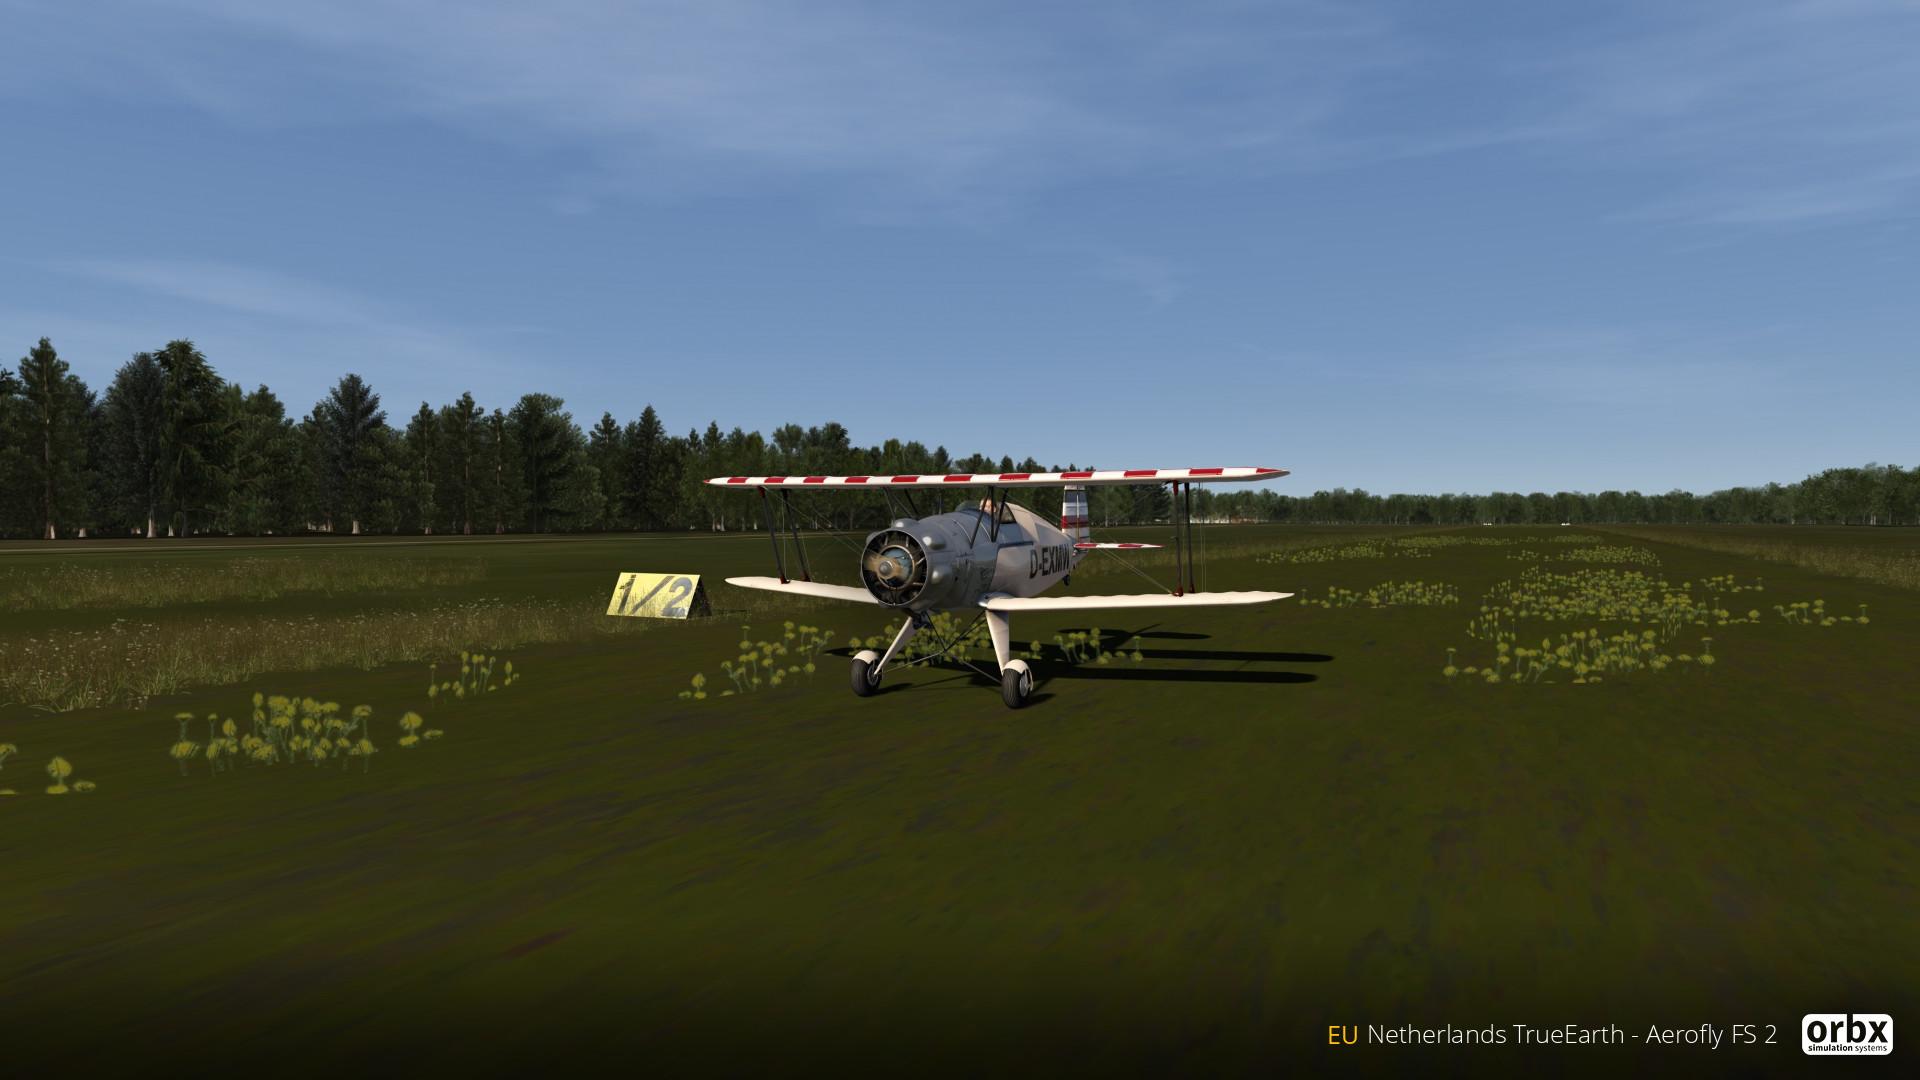 TrueEarth Netherlands - Aerofly FS 2